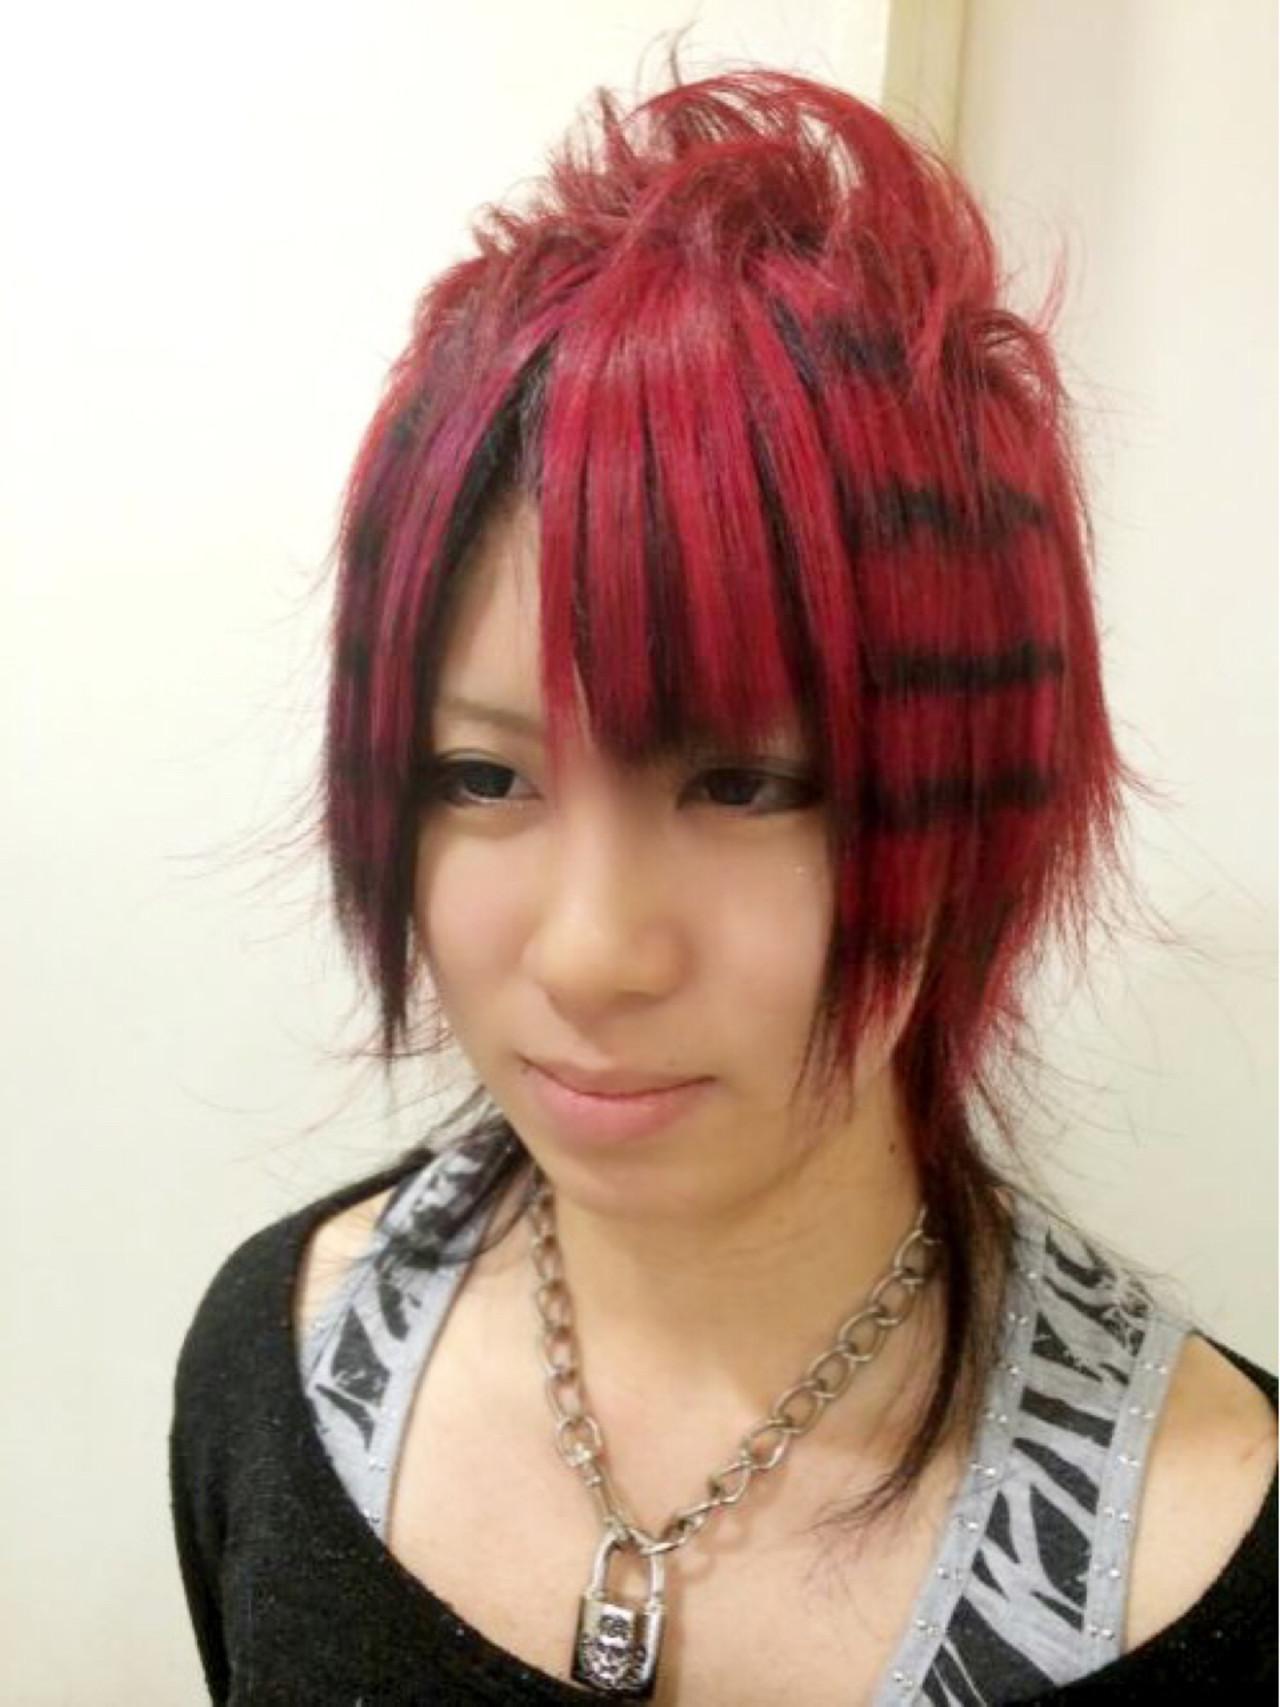 ミディアム モード ヘアアレンジ 夏 ヘアスタイルや髪型の写真・画像